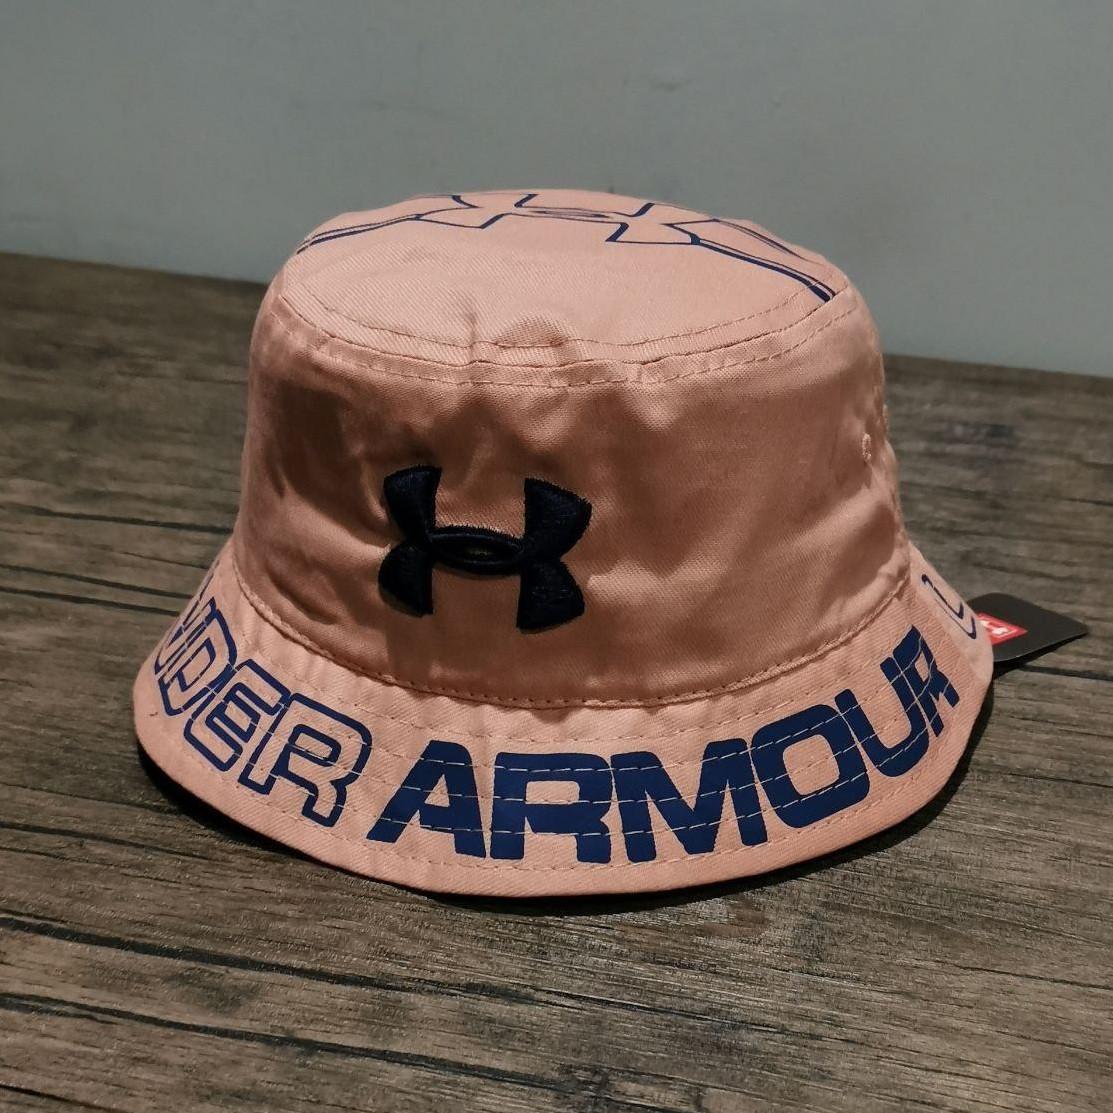 Панама мужская лето Under Armour с вышивкой. Реплика. Много других брендов